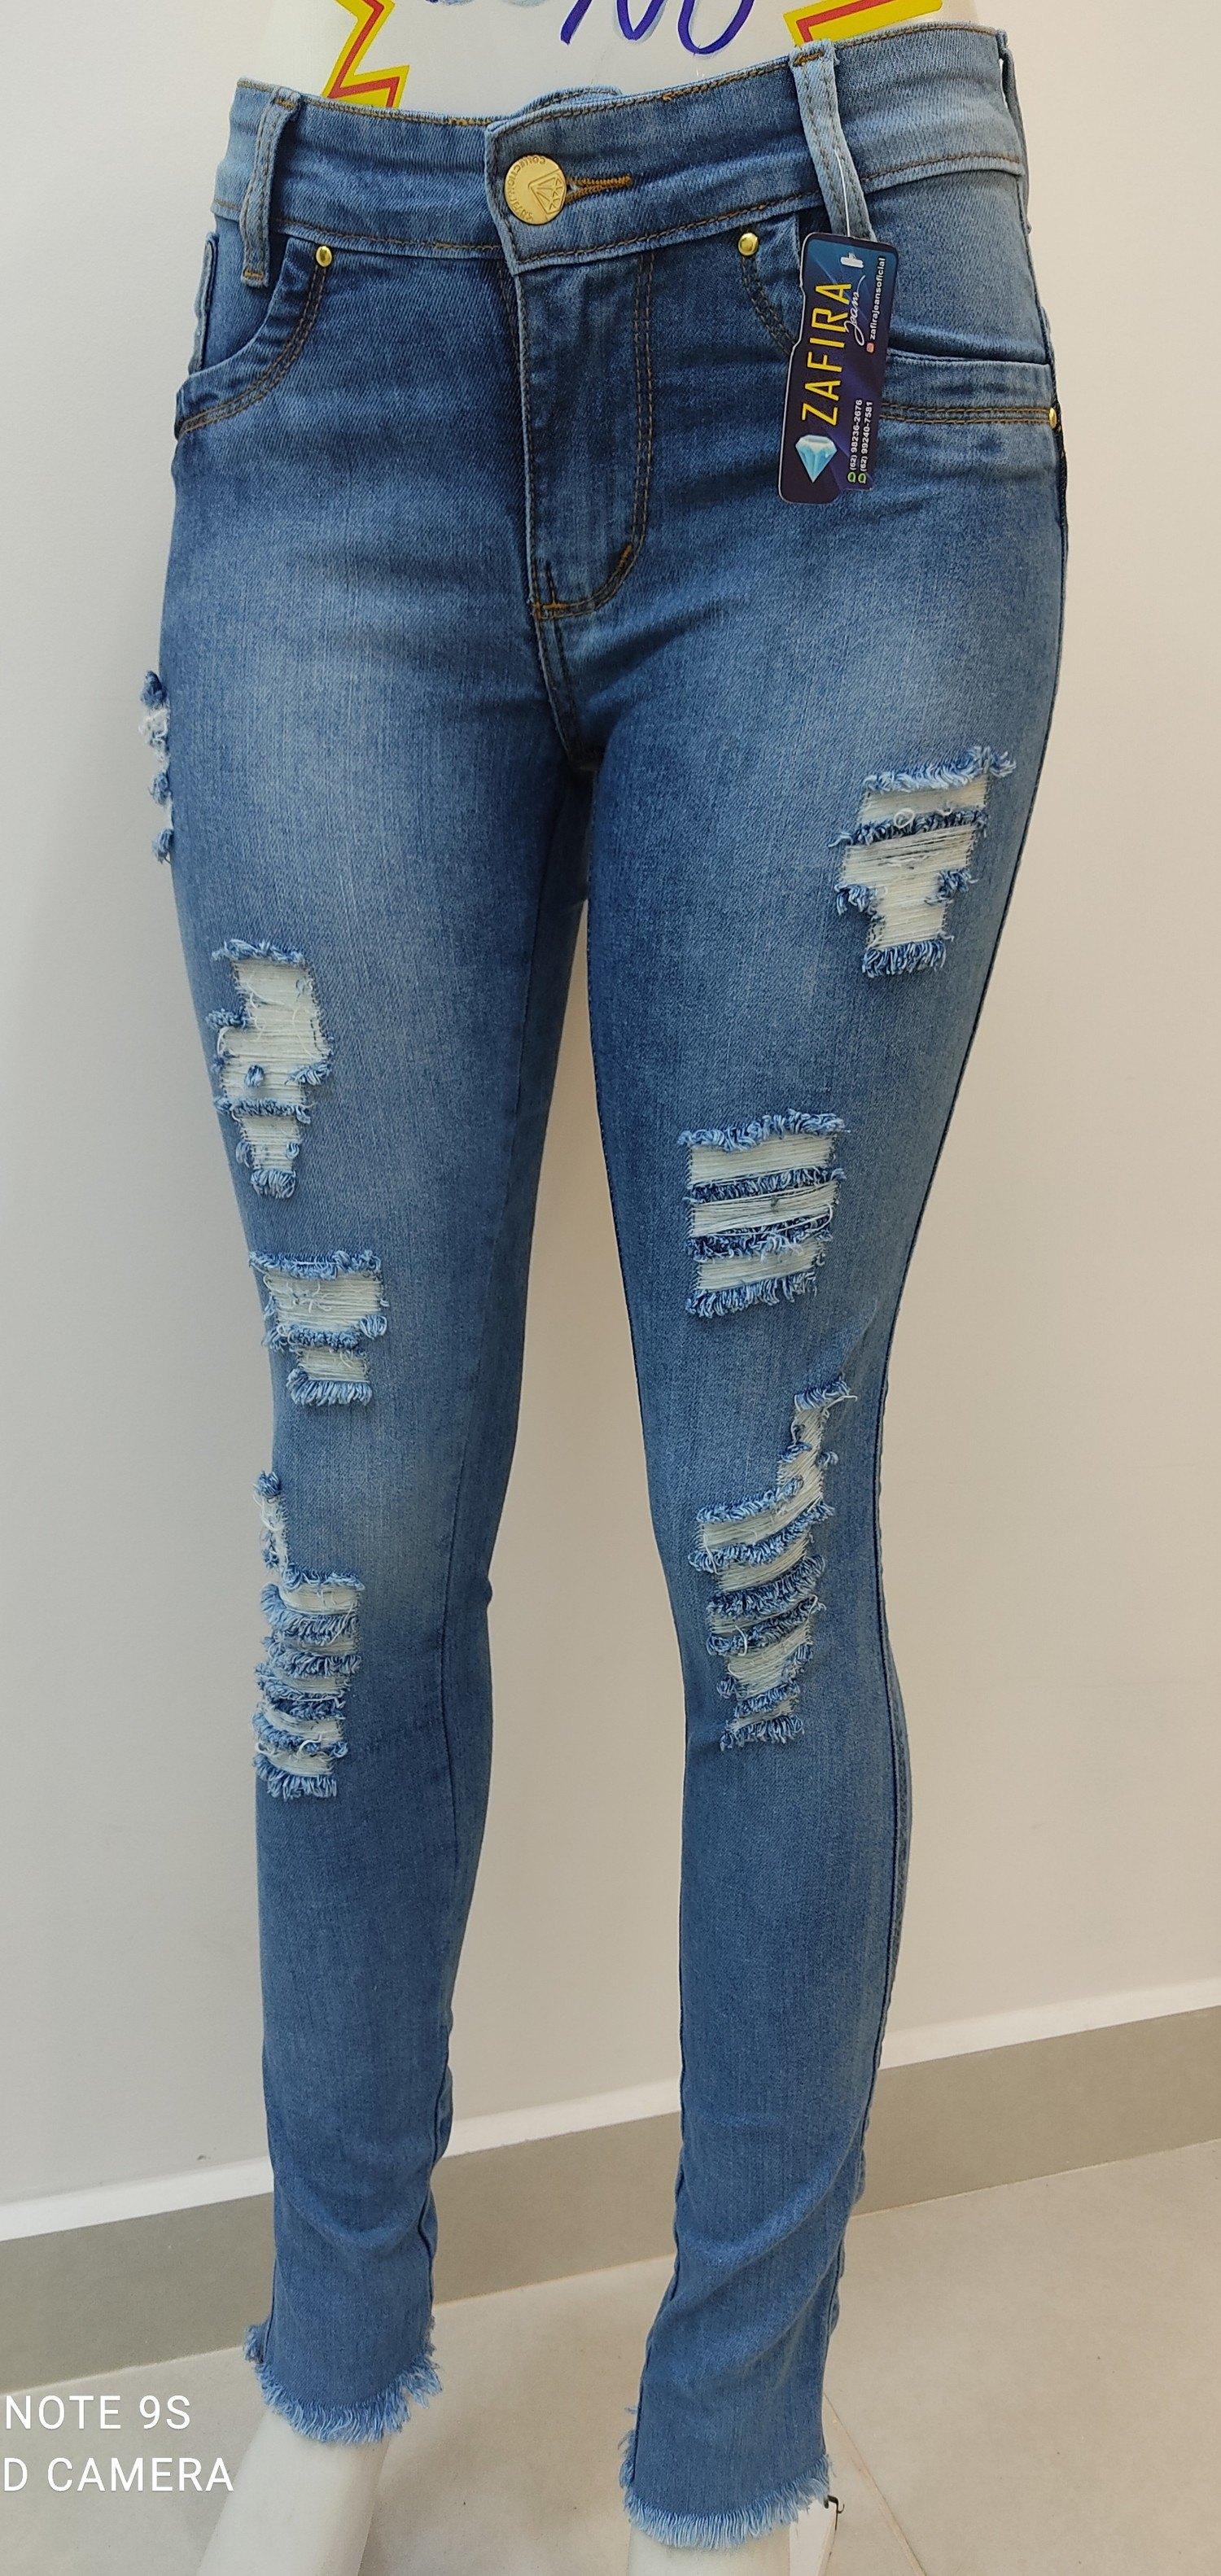 Calça jeans com pinça Zafira jeans